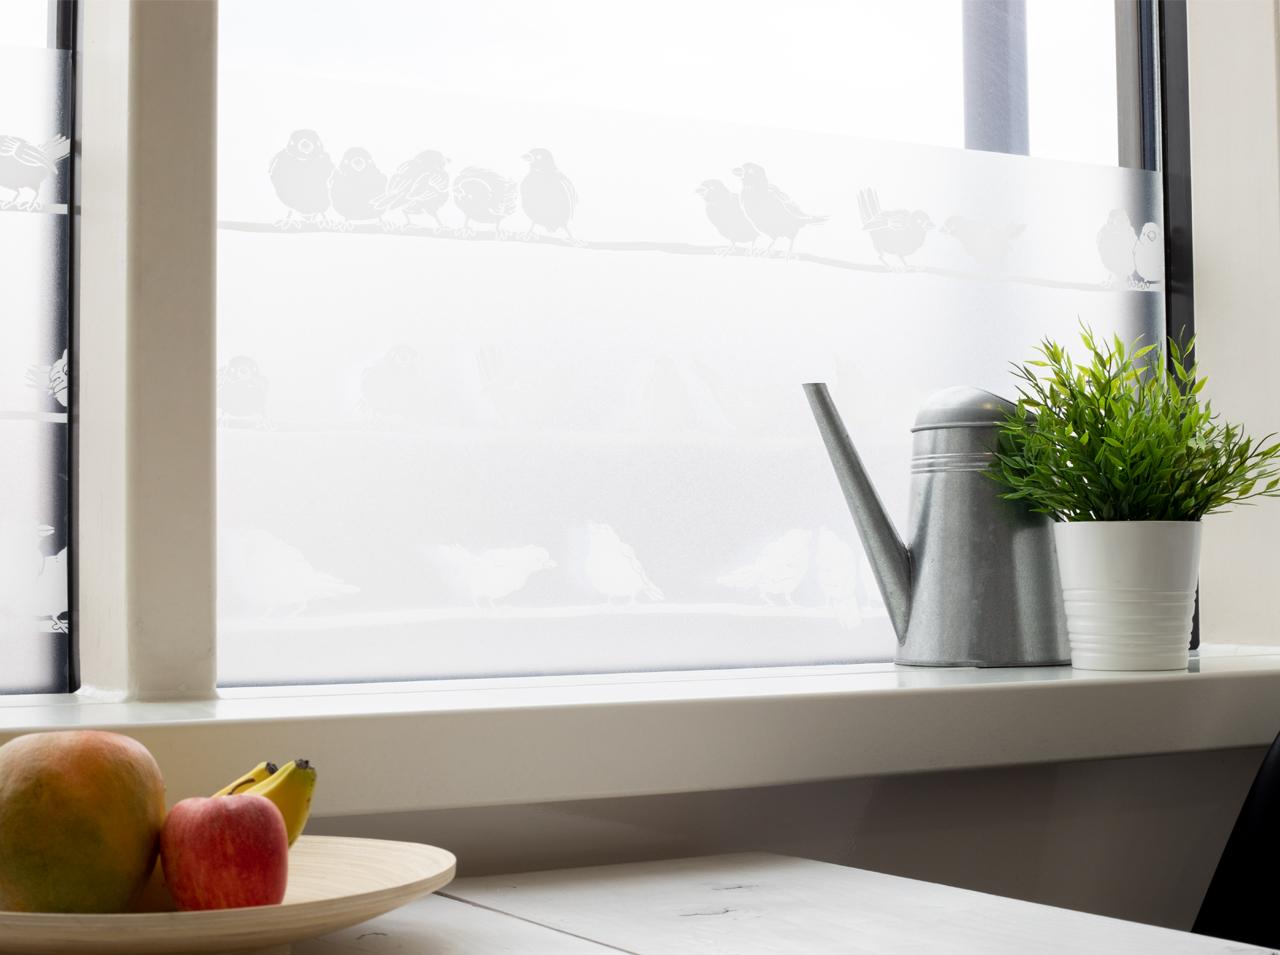 Full Size of Sichtschutz Für Fenster D C Home Fr Deine Standardmaße Garten Spiegelschränke Fürs Bad Körbe Badezimmer Spiegelschrank Dachschräge Erneuern Mit Lüftung Fenster Sichtschutz Für Fenster